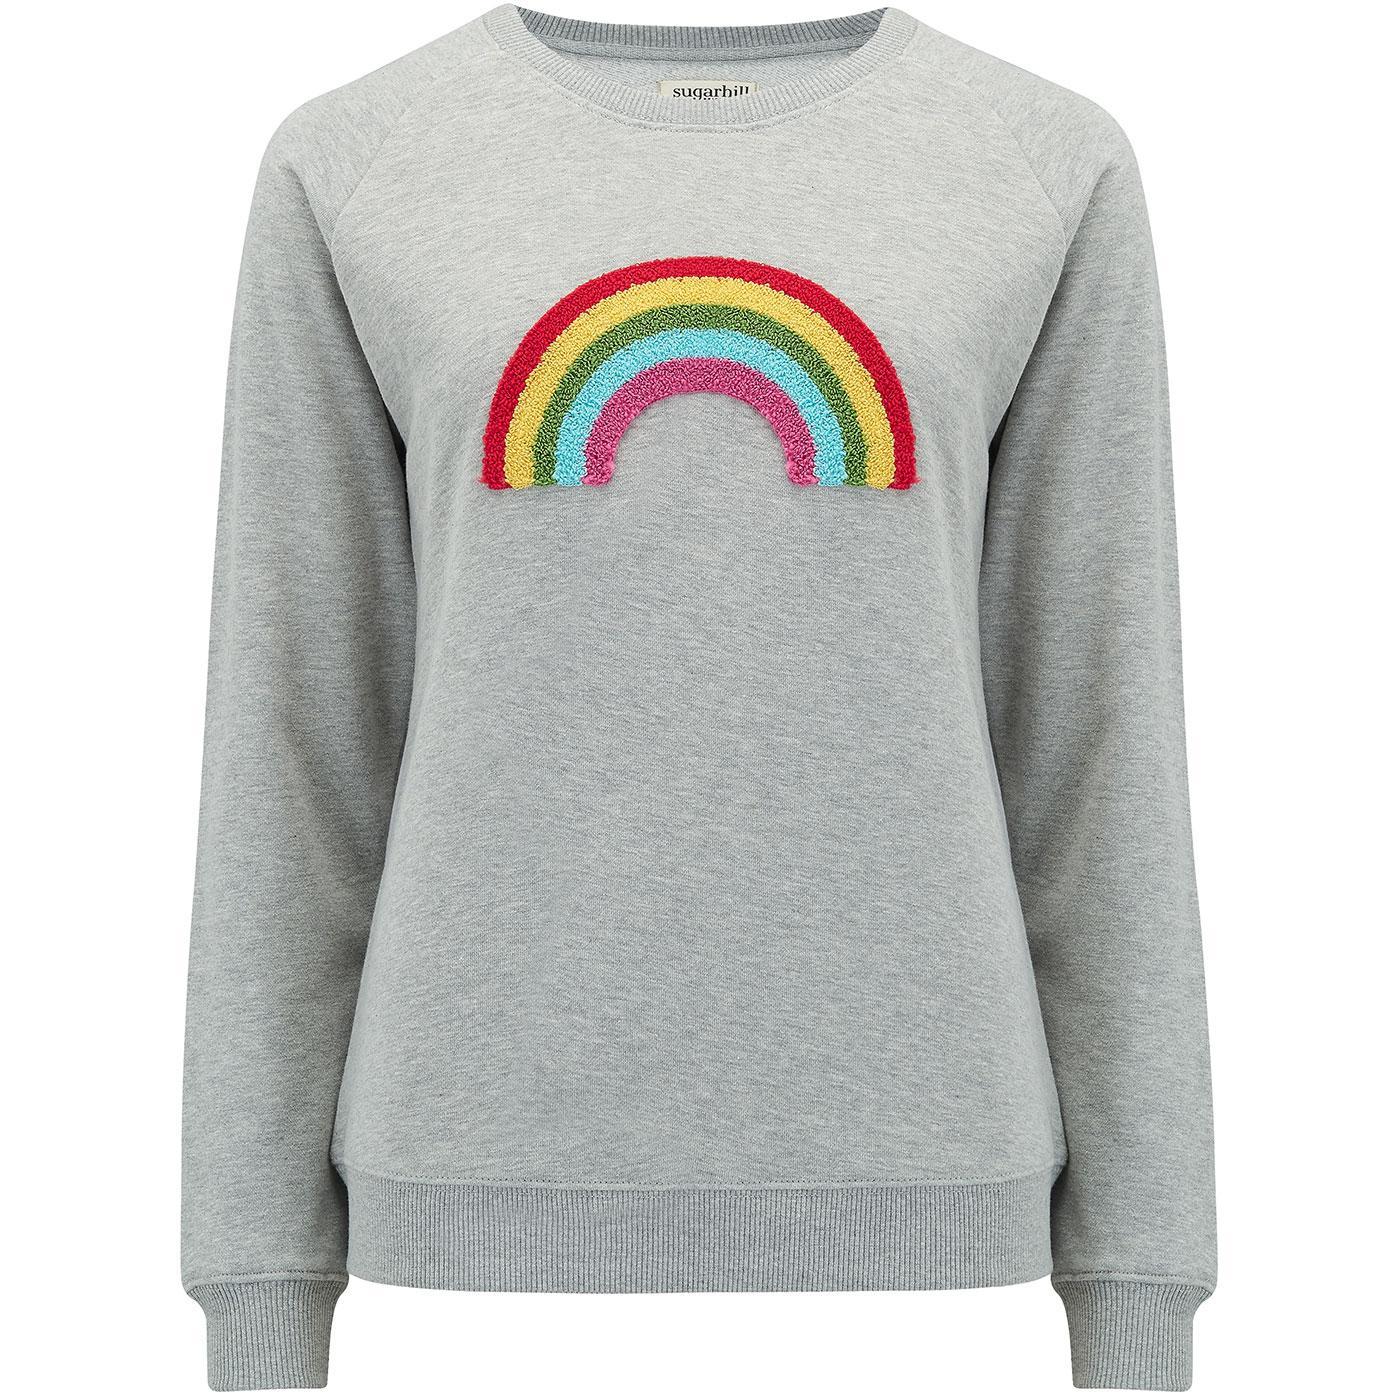 Laurie SUGARHILL BRIGHTON Retro Rainbow Sweater